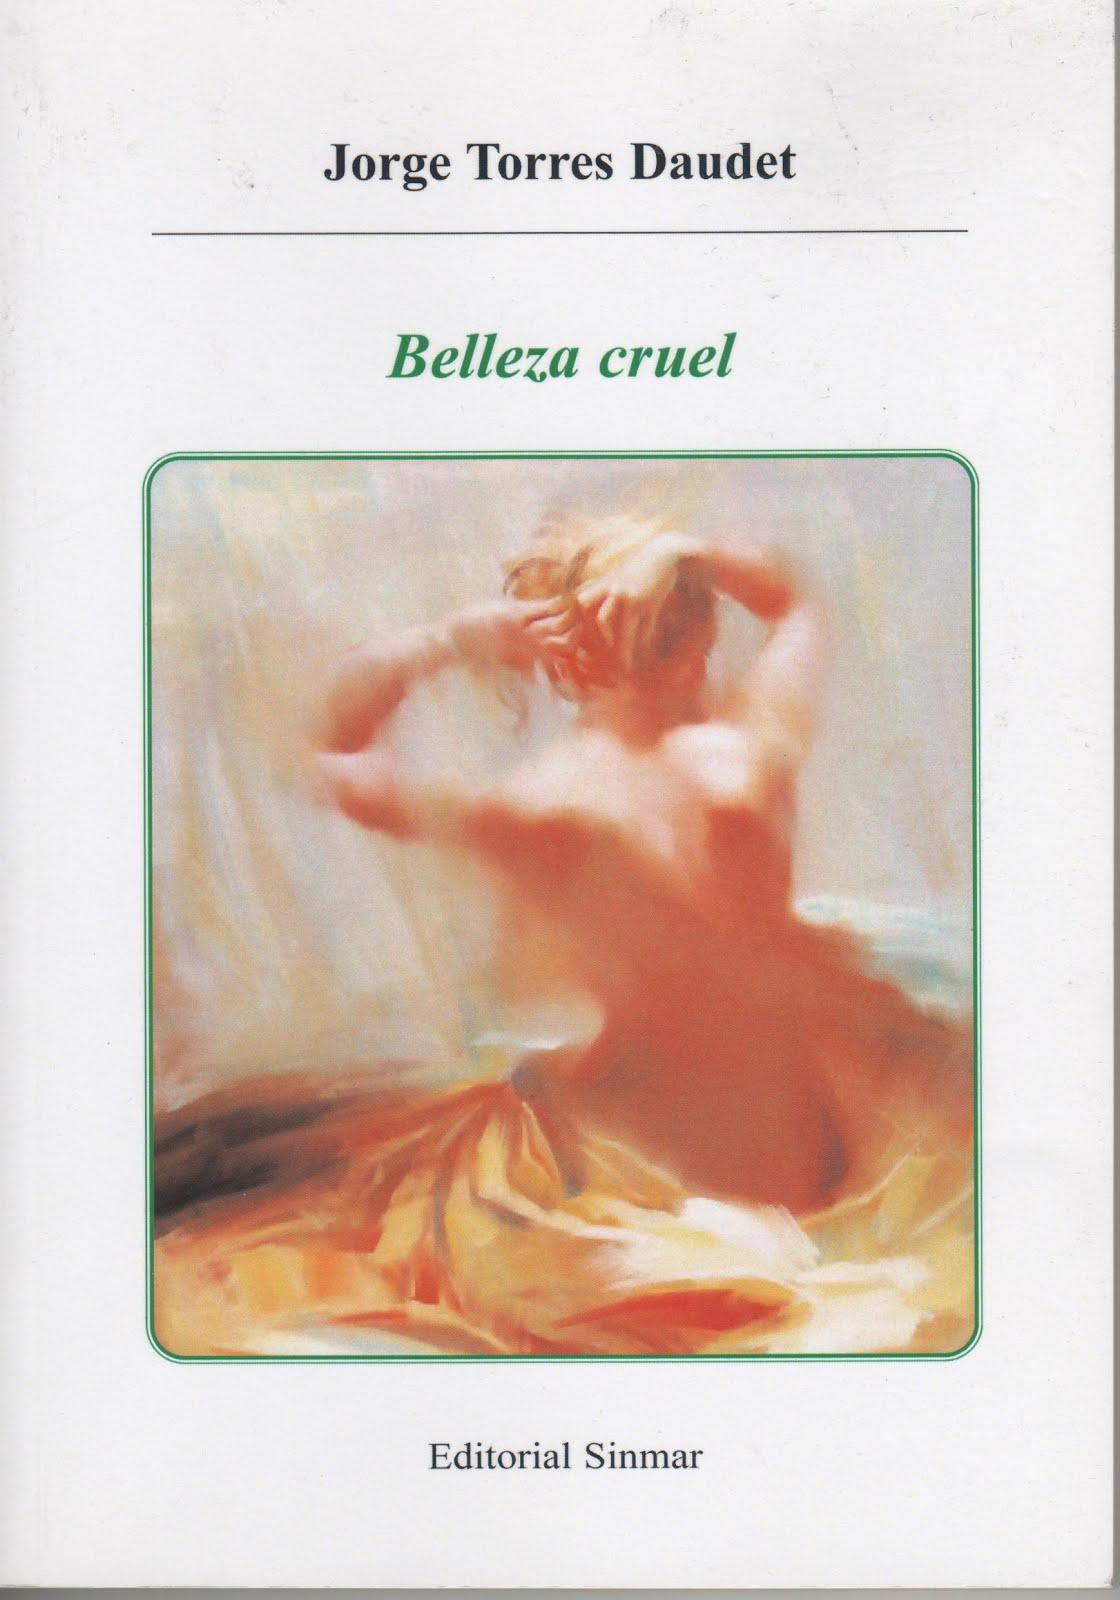 Si queréis leer este libro, pinchad en la imagen.